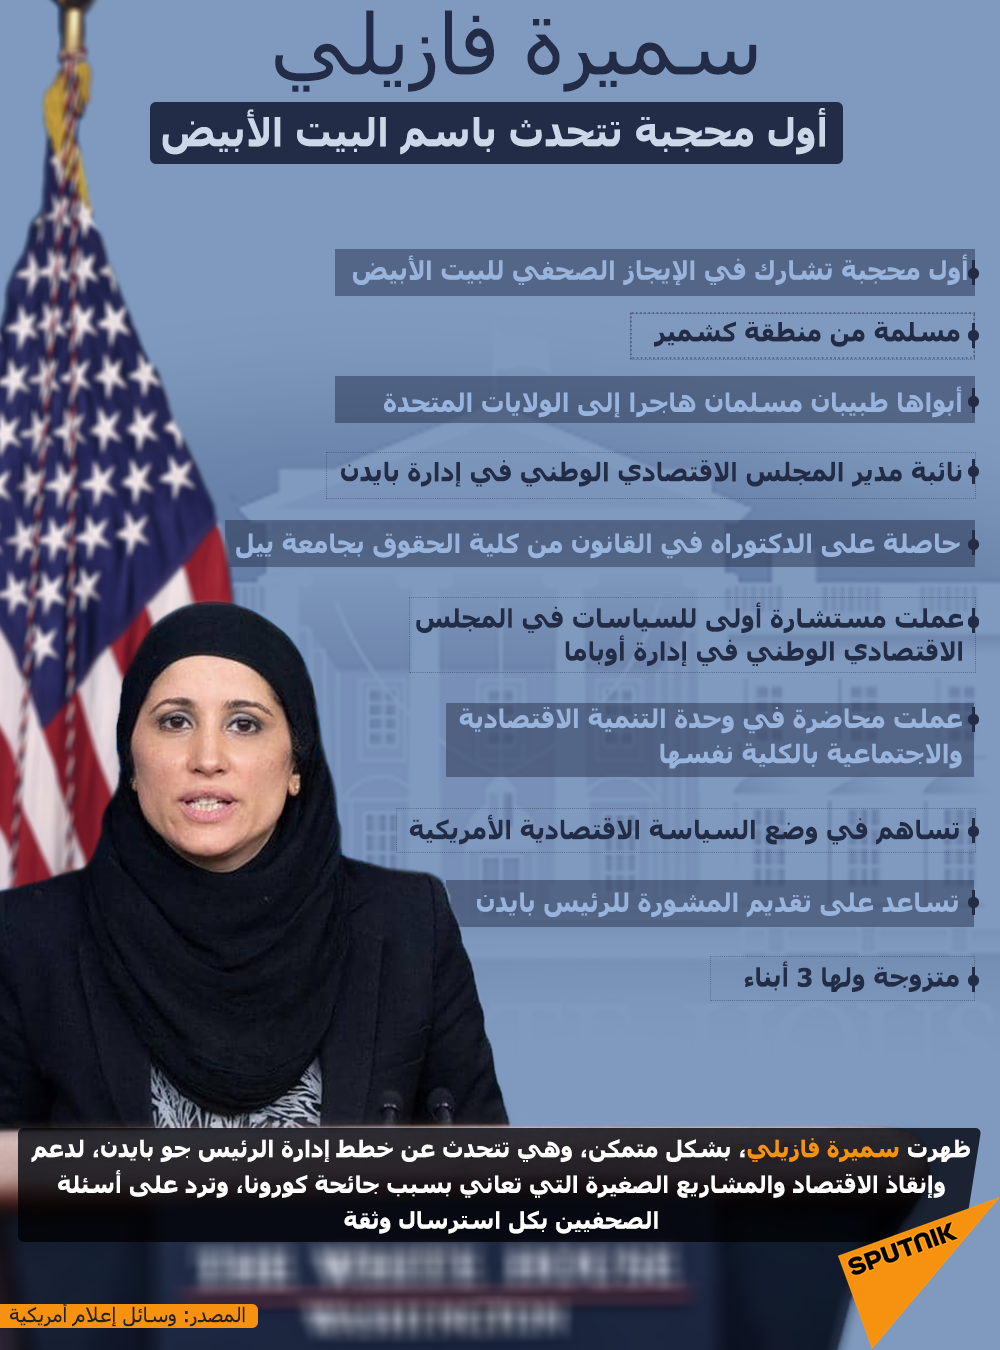 سميرة فازيلي.. أول محجبة تتحدث باسم البيت الأبيض